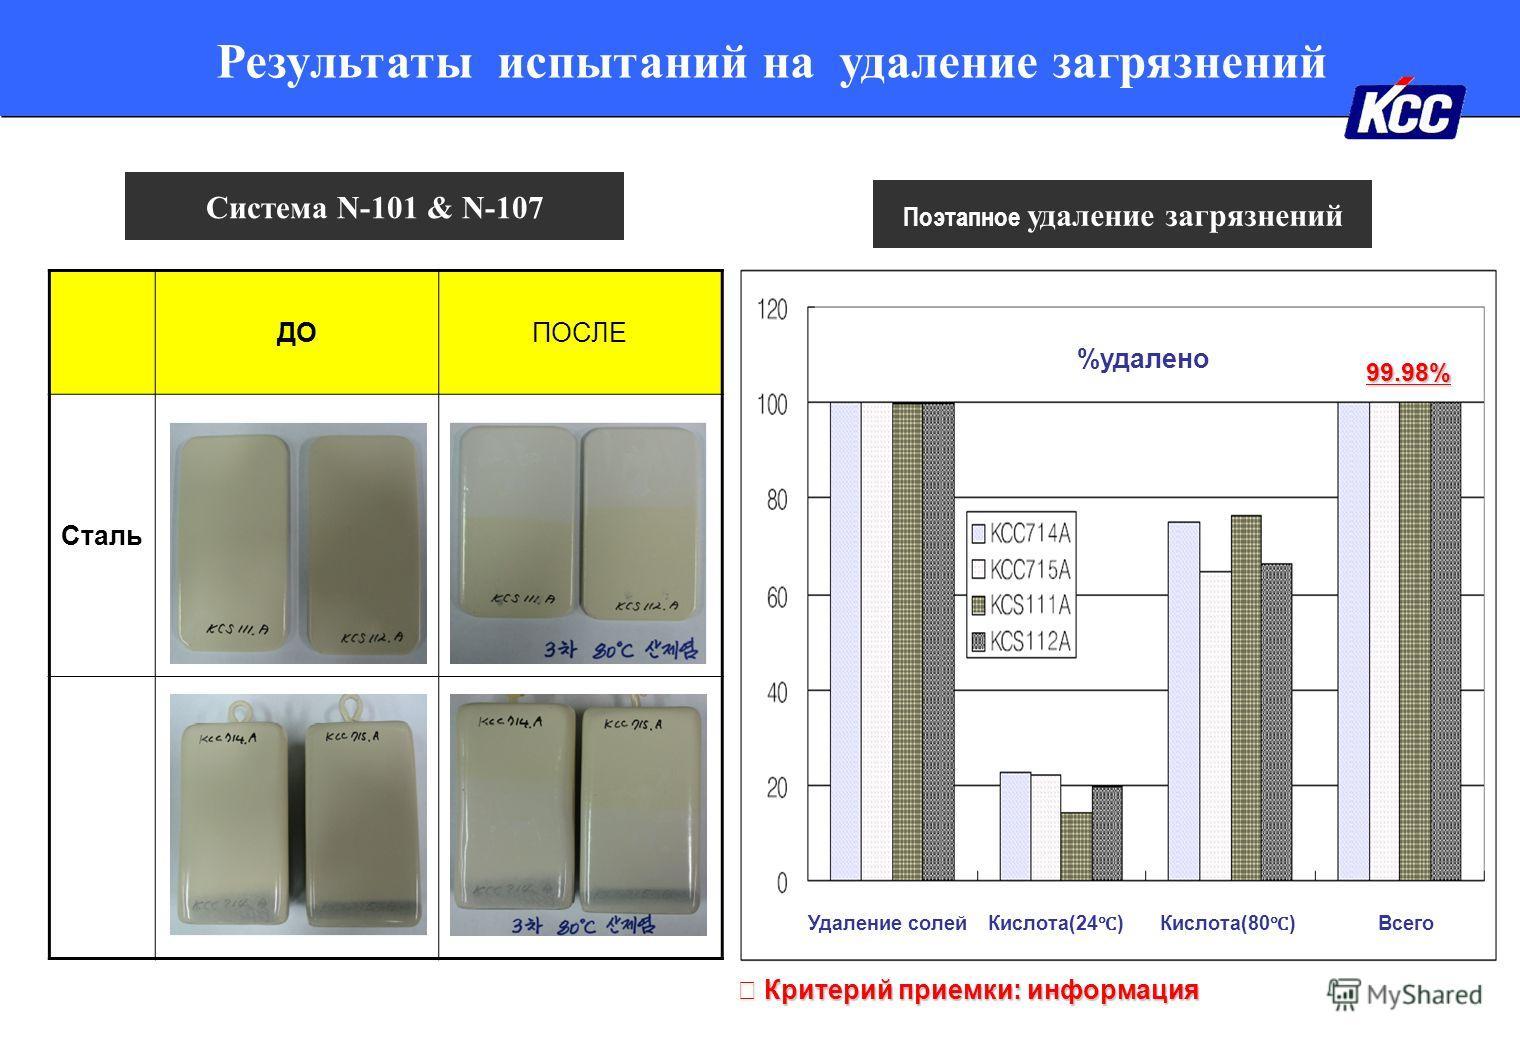 Результаты испытаний на удаление загрязнений Система N-101 & N-107 ДОПОСЛЕ Сталь %удалено Удаление солей Кислота(24 )Кислота(80 ) Всего 99.98% Поэтапное удаление загрязнений Критерий приемки: информация Критерий приемки: информация